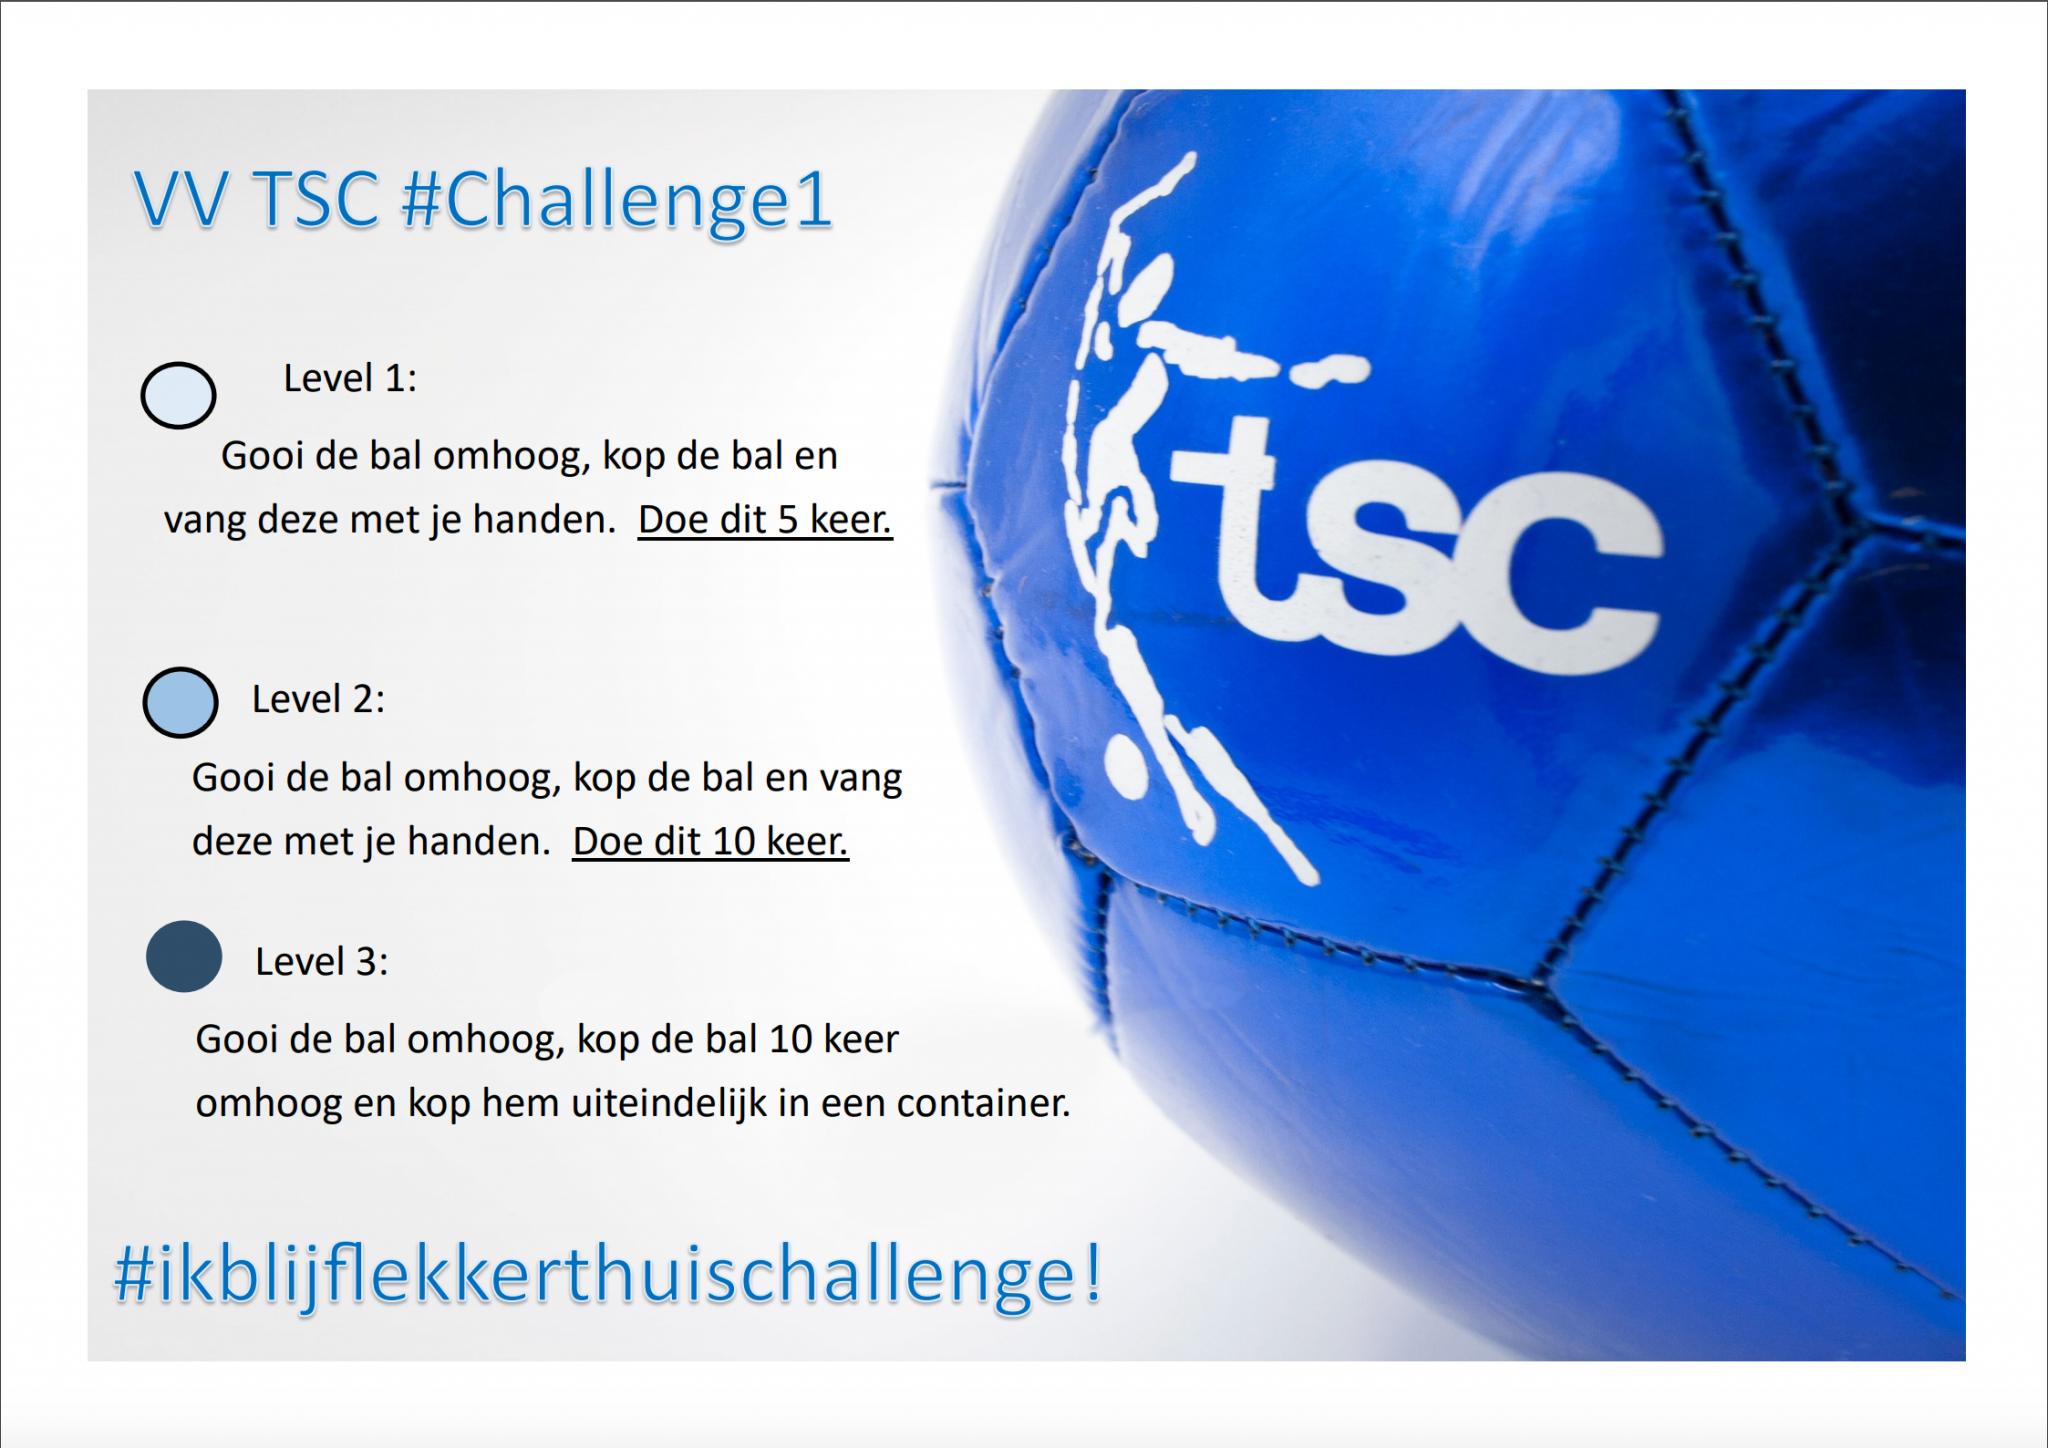 TSC #Challenge 1 #ikblijflekkerthuis #Challenge1